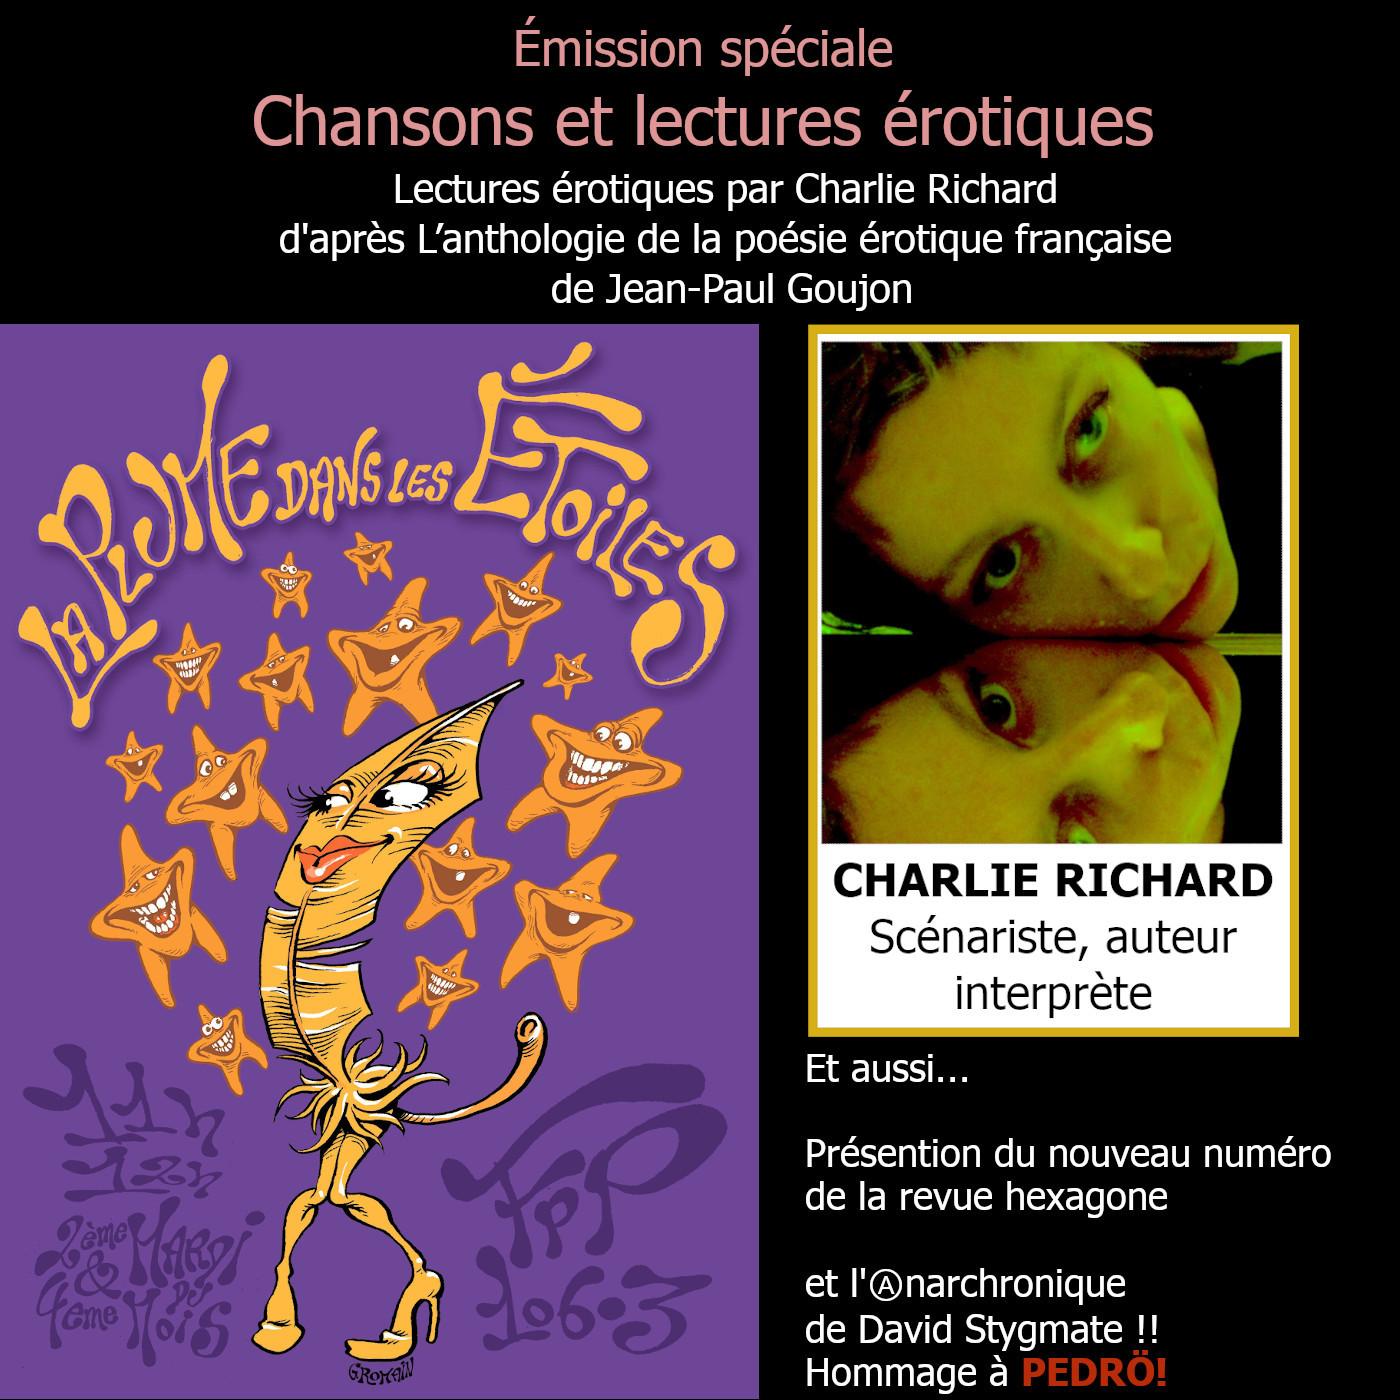 La Plume dans les Étoiles # 15 // Lectures érotiques par Charlie Richard